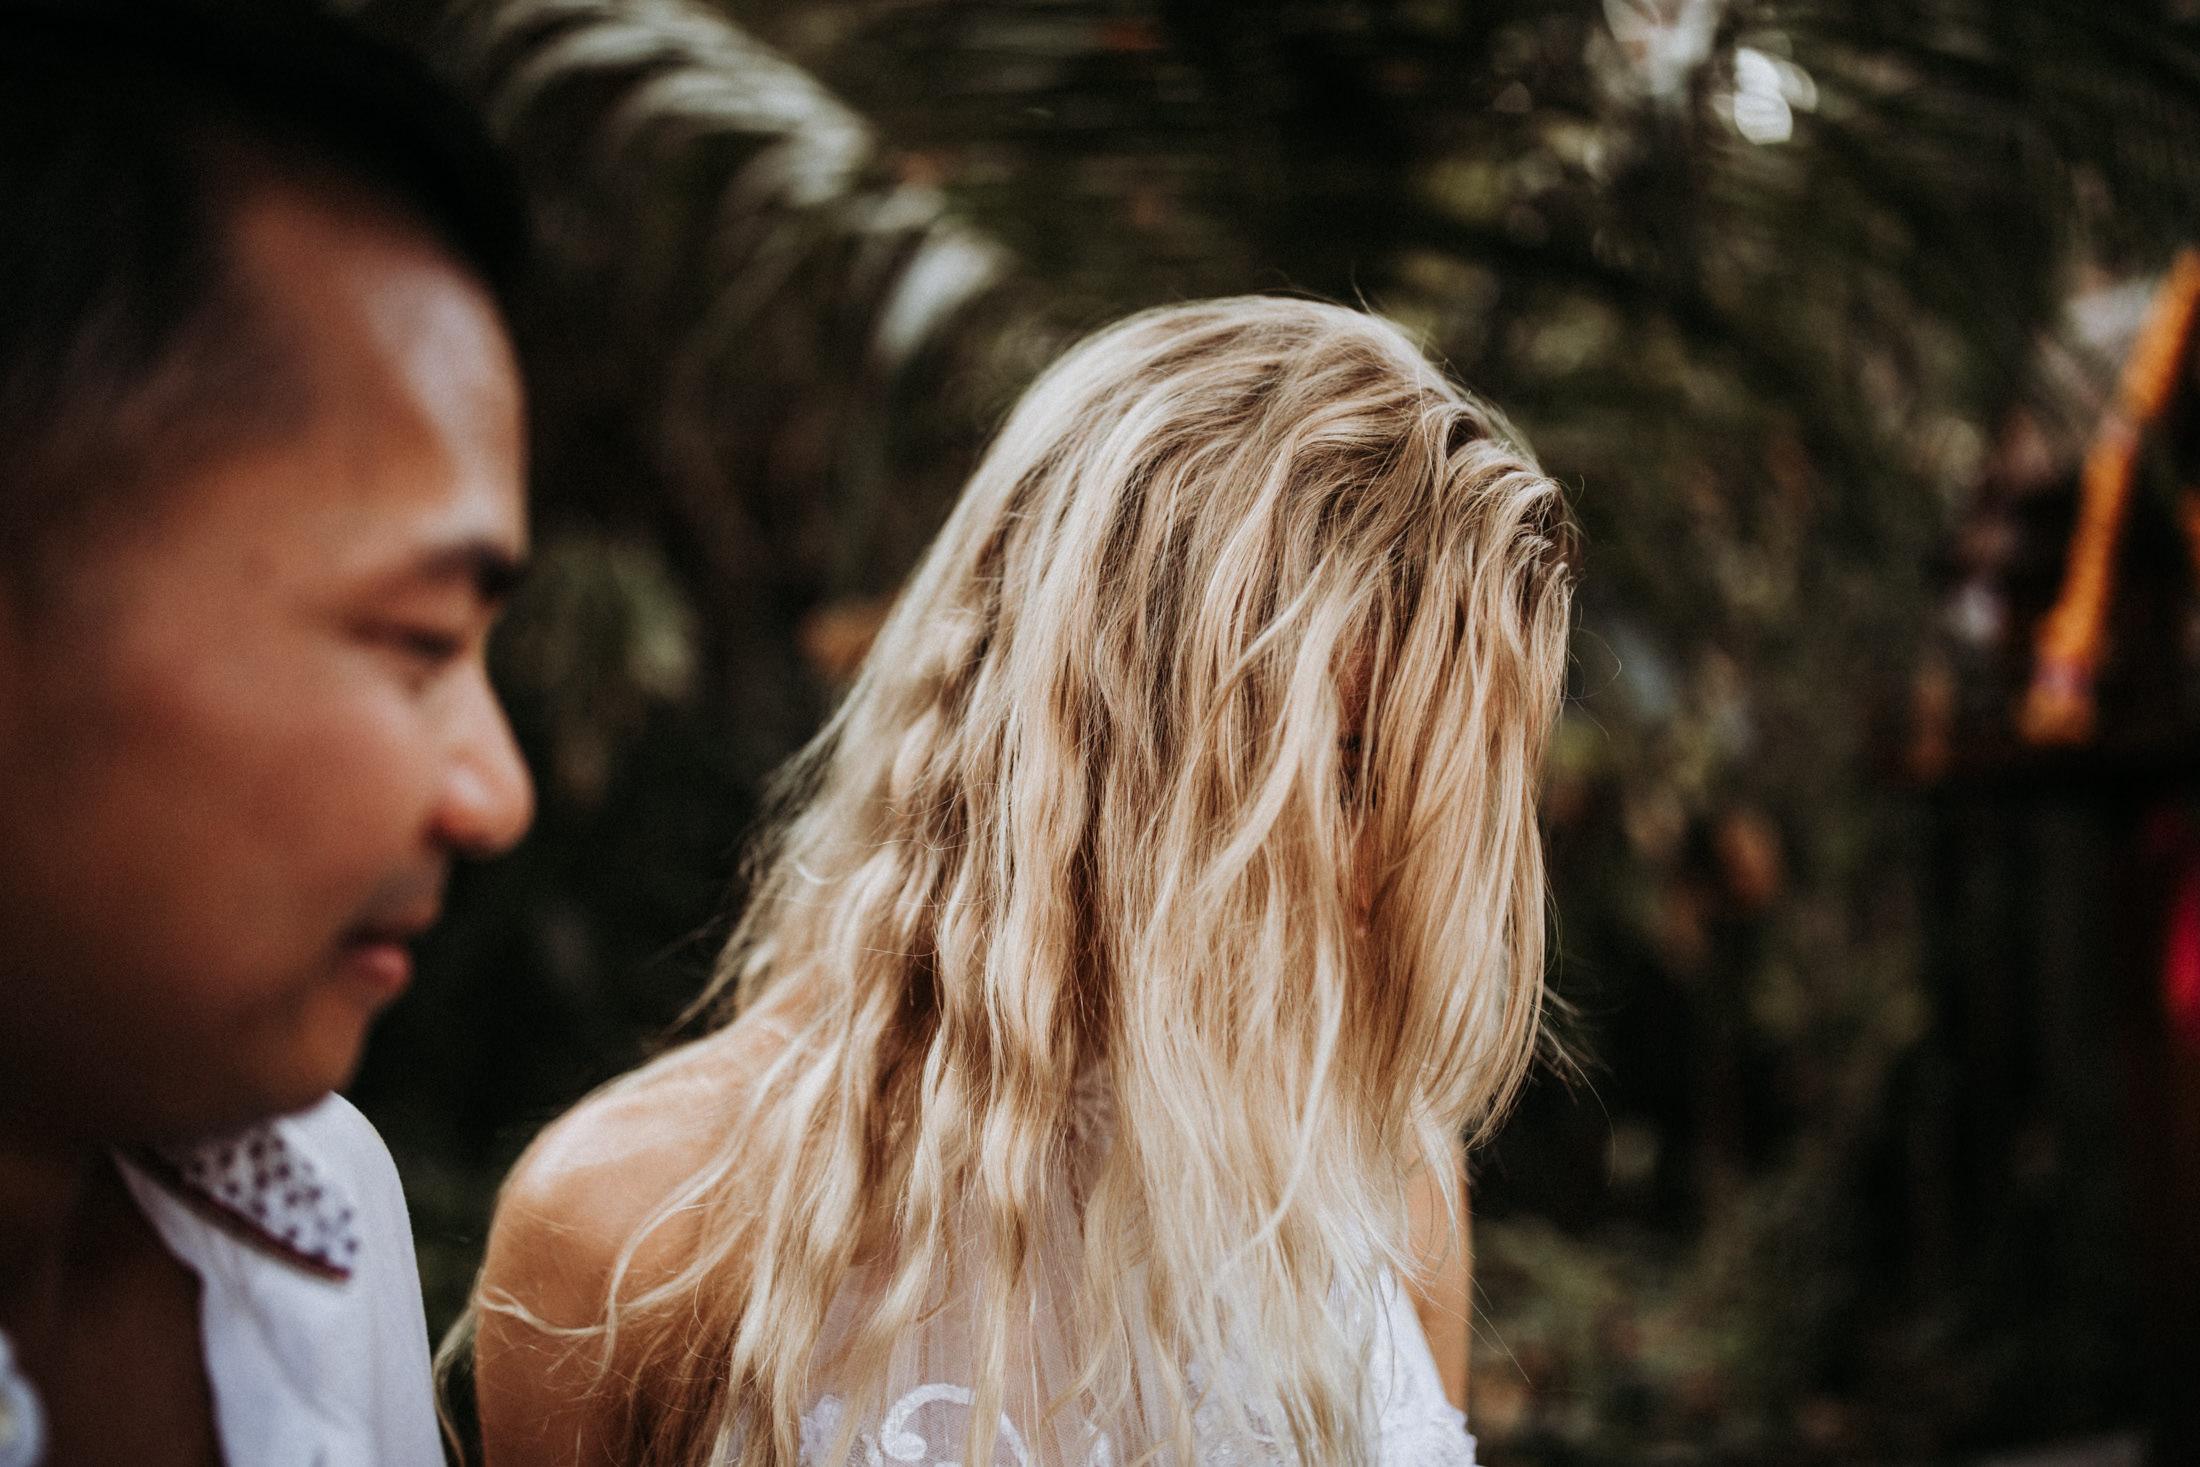 DanielaMarquardt_Wedding_Thailand_456